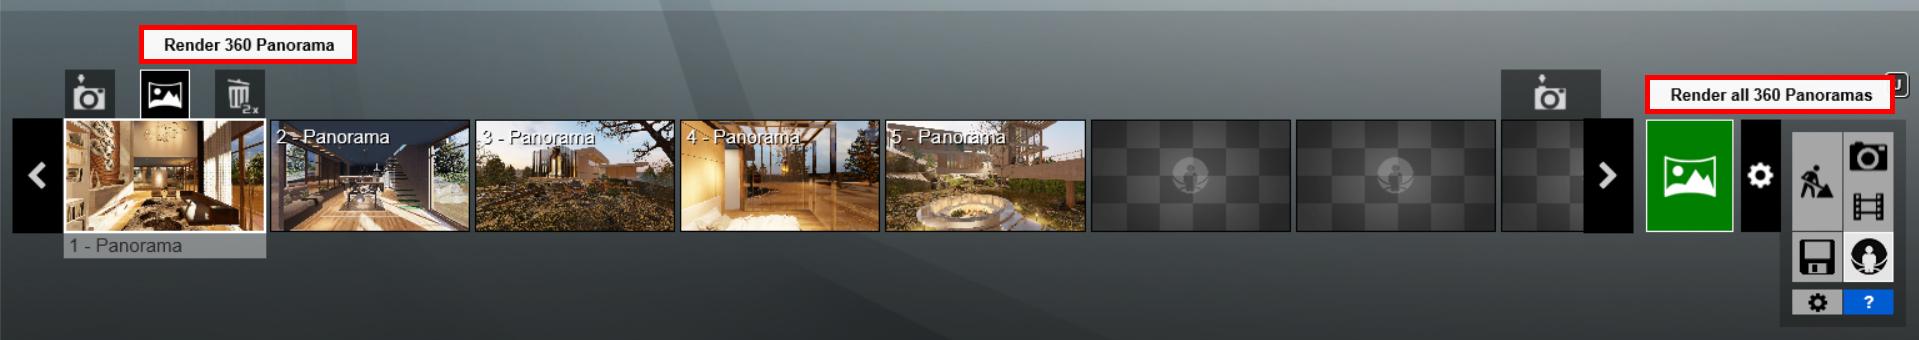 360 Panoramalar ve VR Sunumlarla Tasarımlarınızda Yolculuğa Çıkın 9